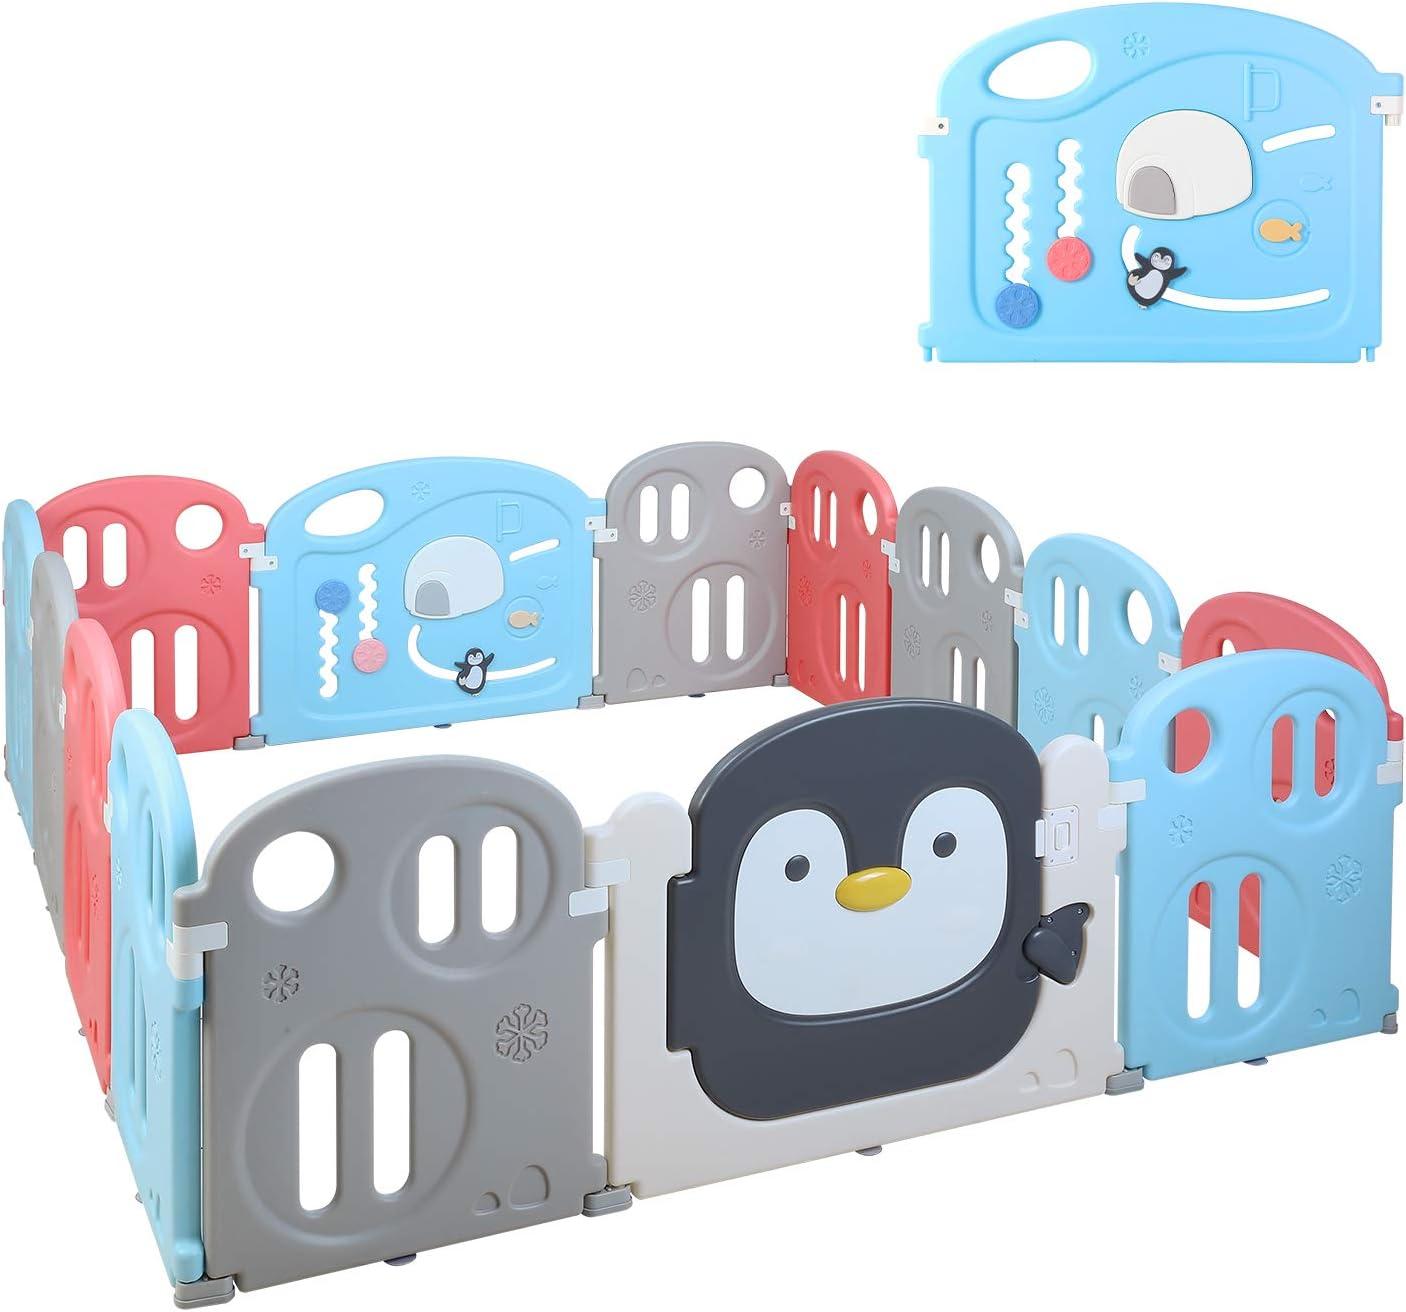 de interior y OutdoorSafe corra Parque infantil beb/é 8 panel plegable y port/átil de un corralito for beb/és de los ni/ños Centro de Actividades grande con malla transpirable y bolsa de almacenamiento